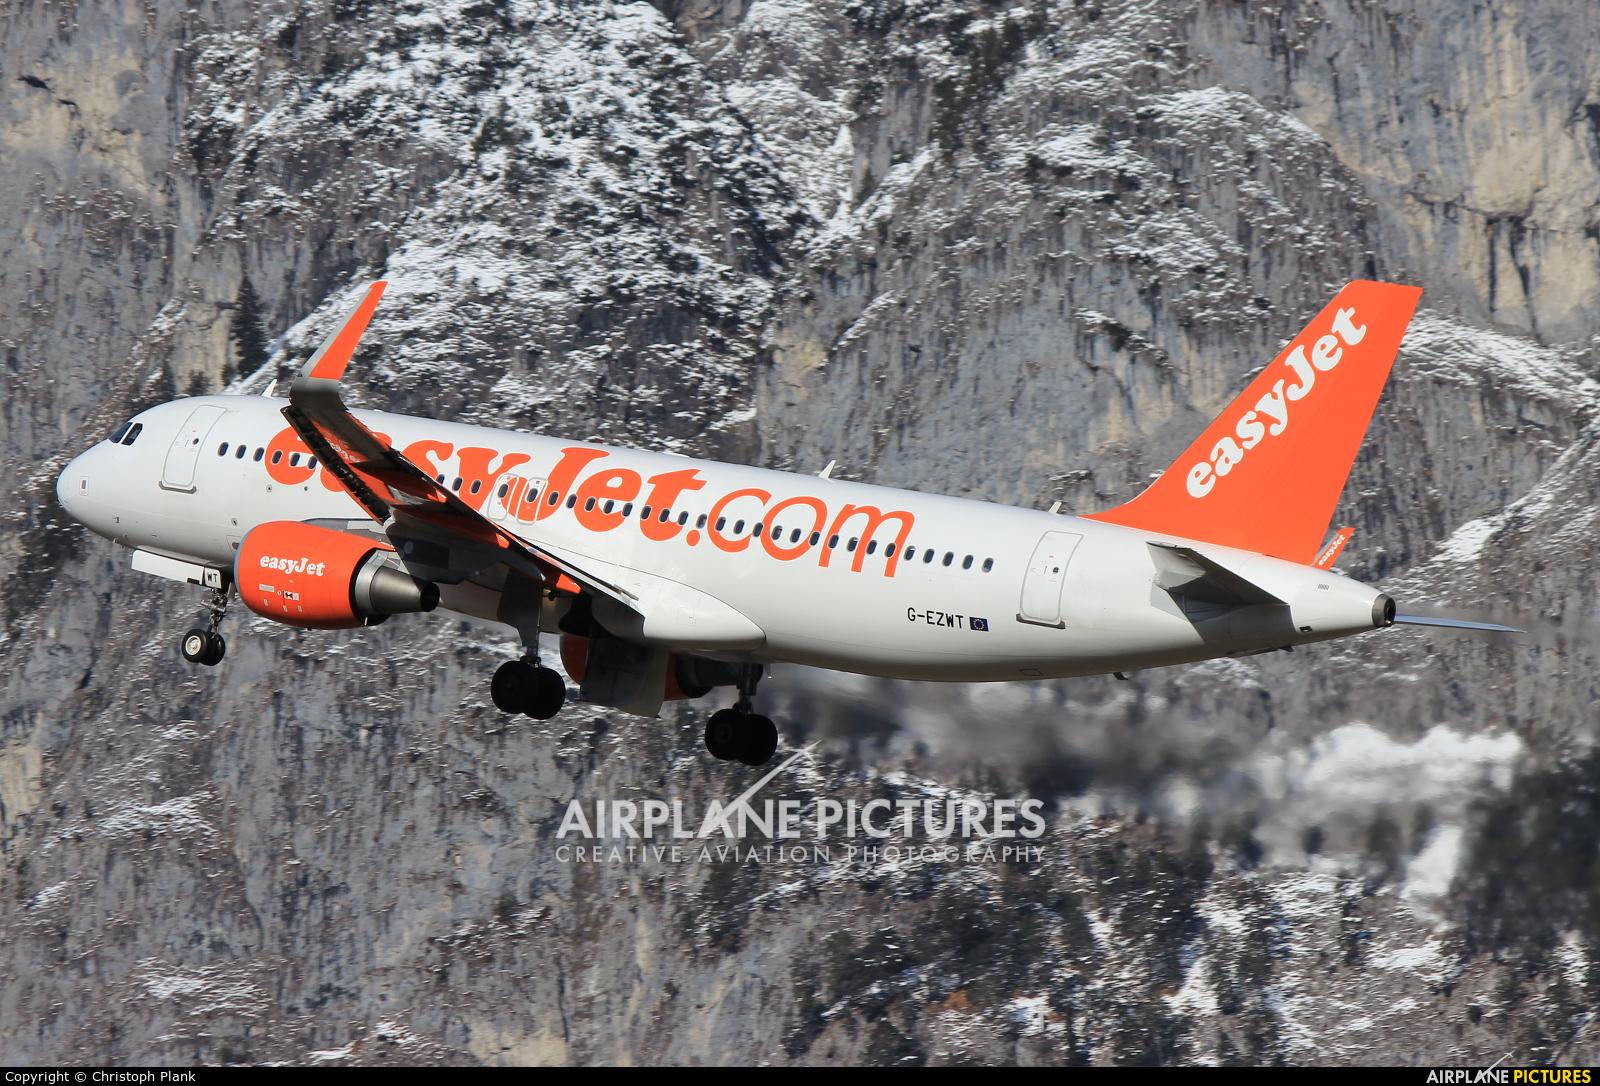 easyJet G-EZWT aircraft at Innsbruck